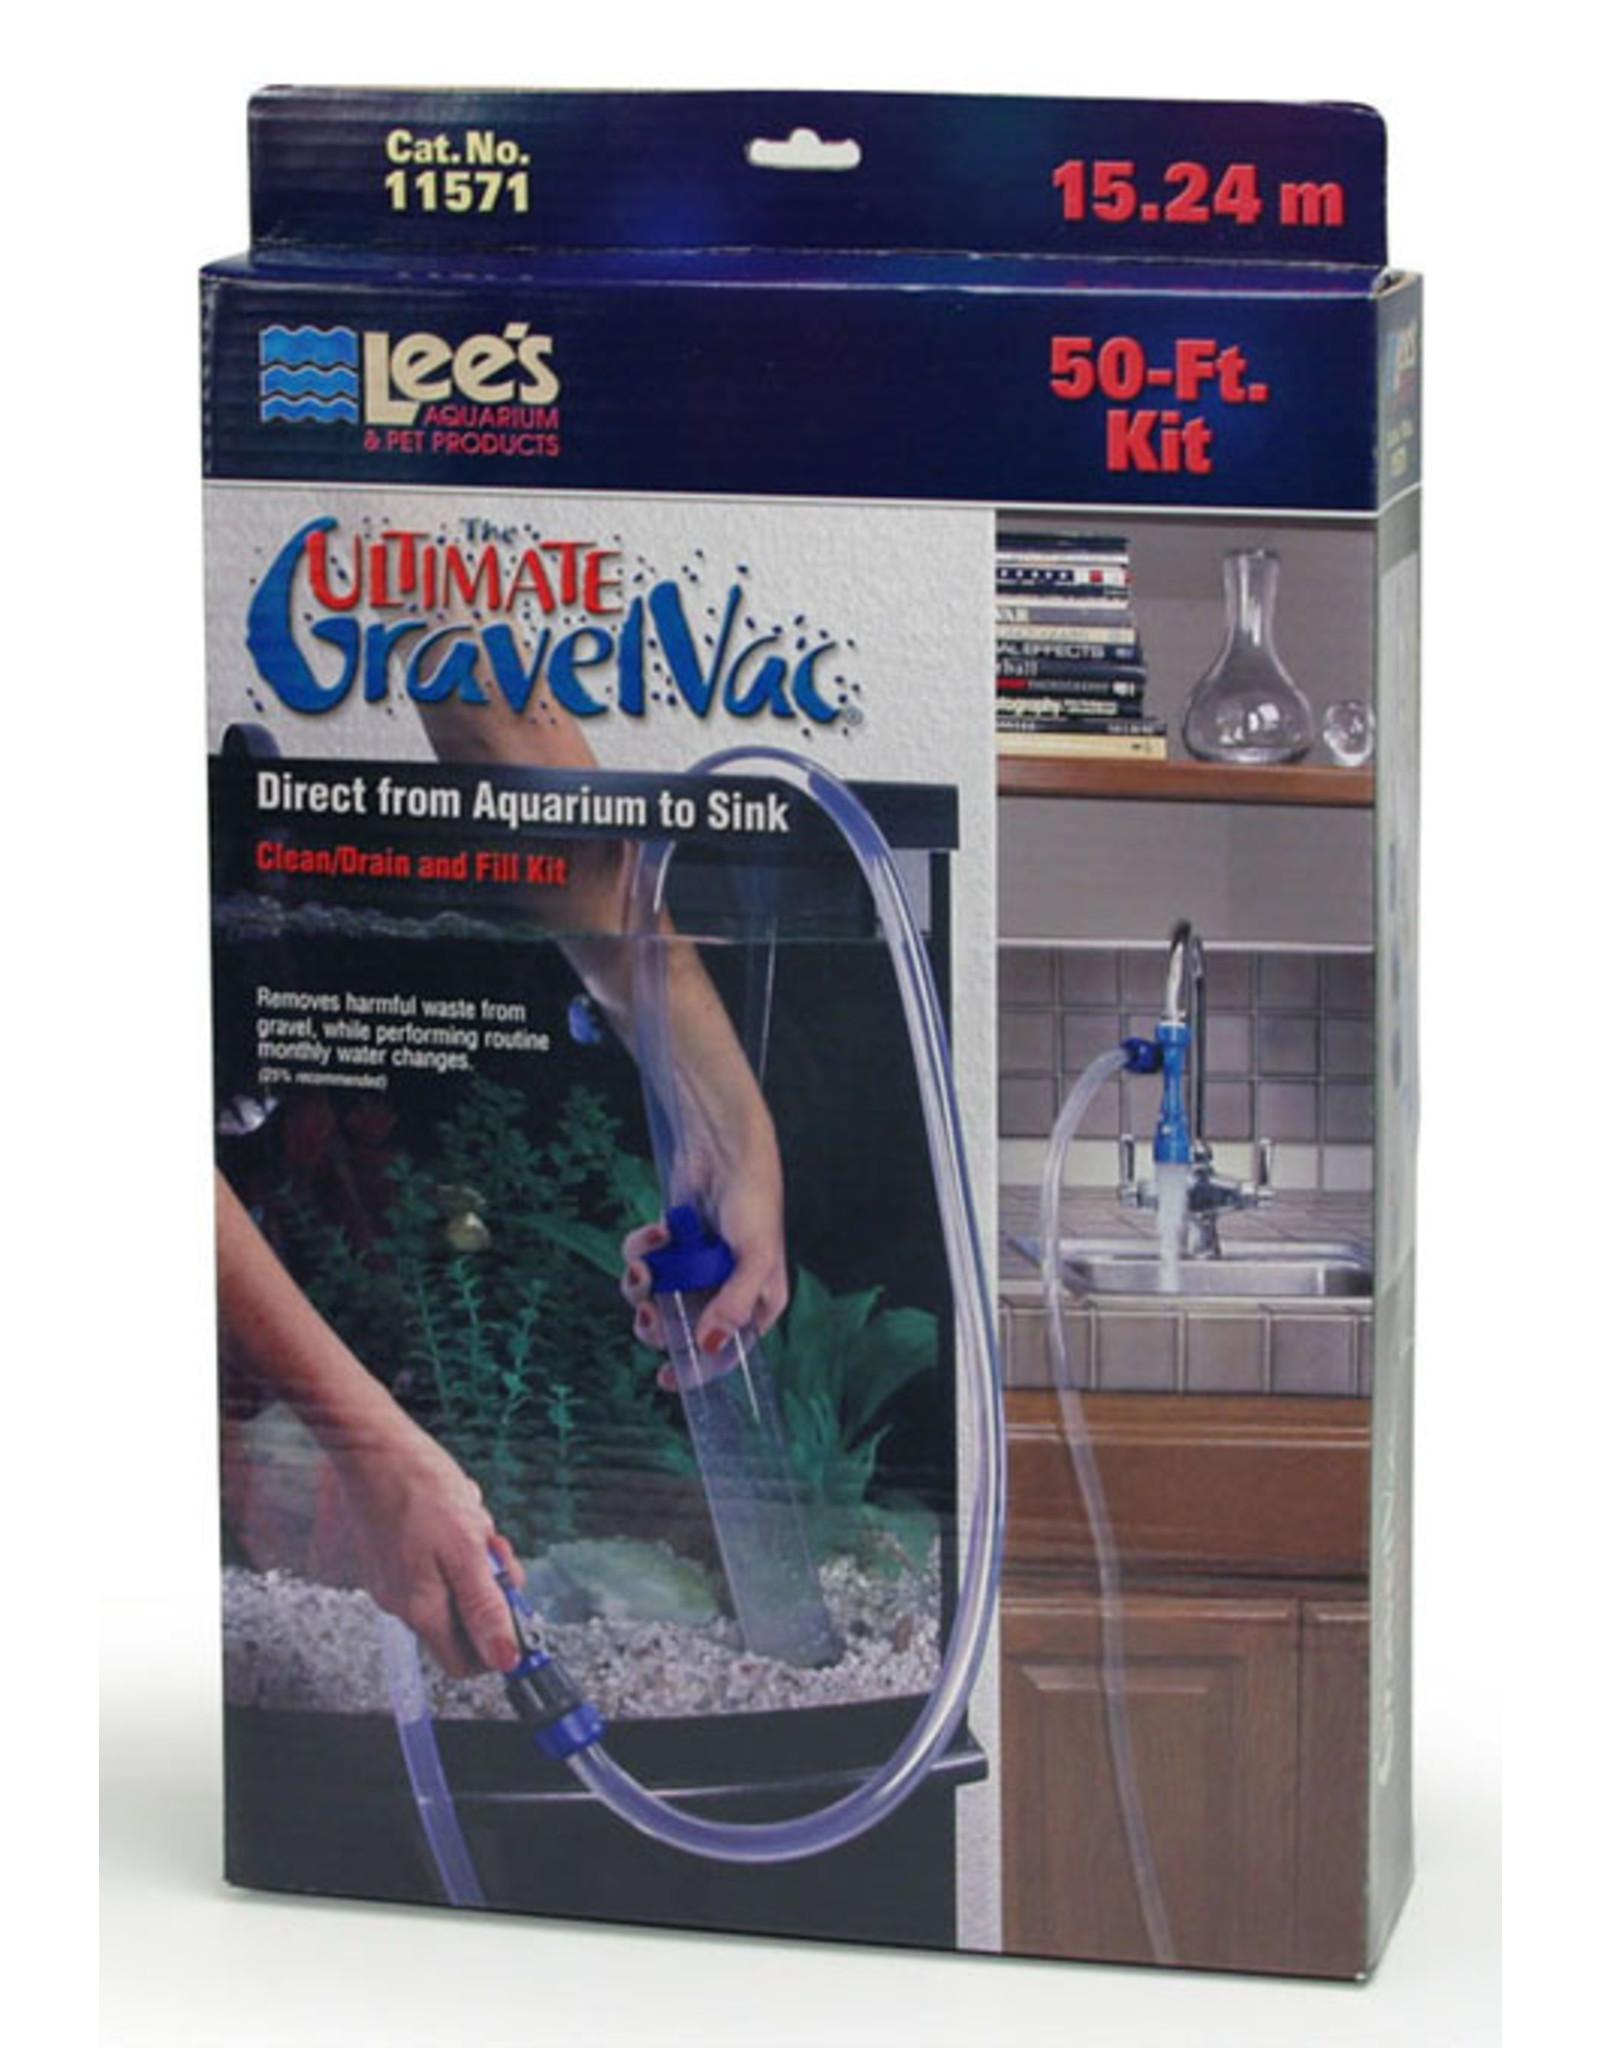 Lee's LEE'S Ultimate Gravel Vac Kit